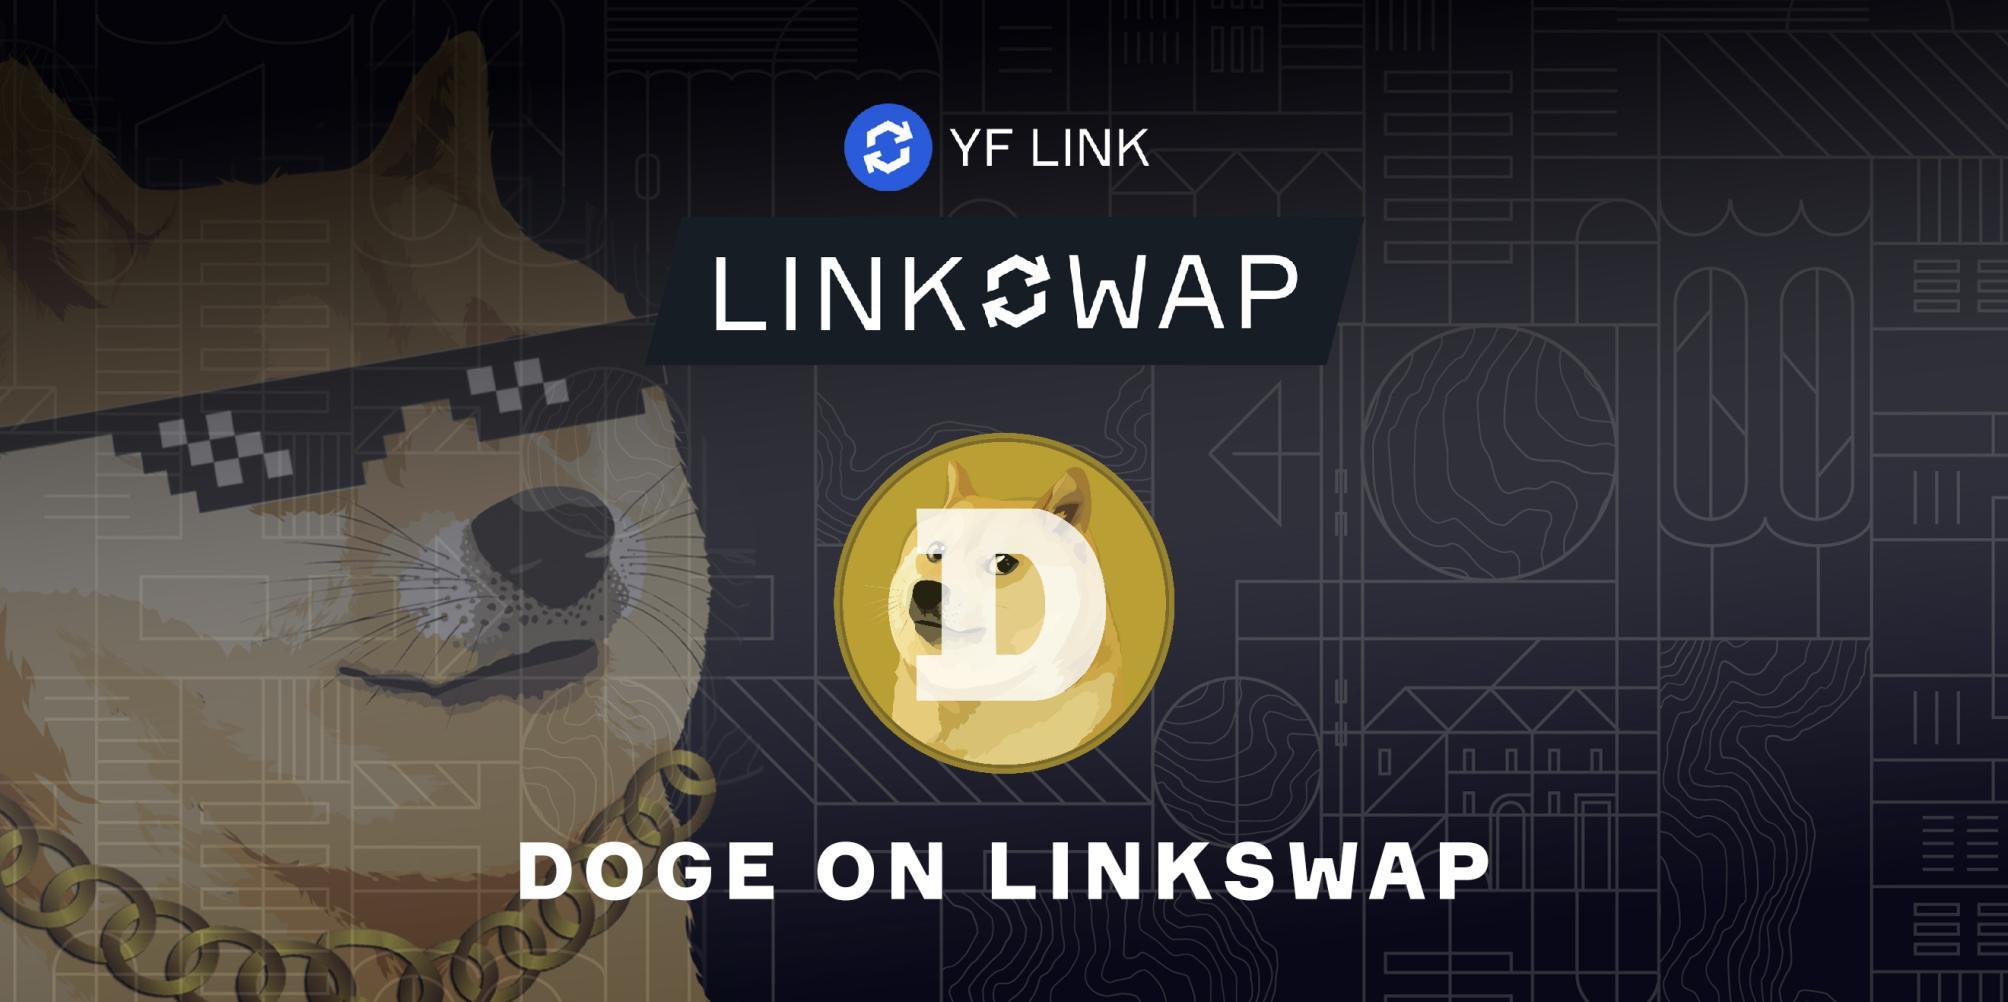 LINKSWAP integrates renDOGE